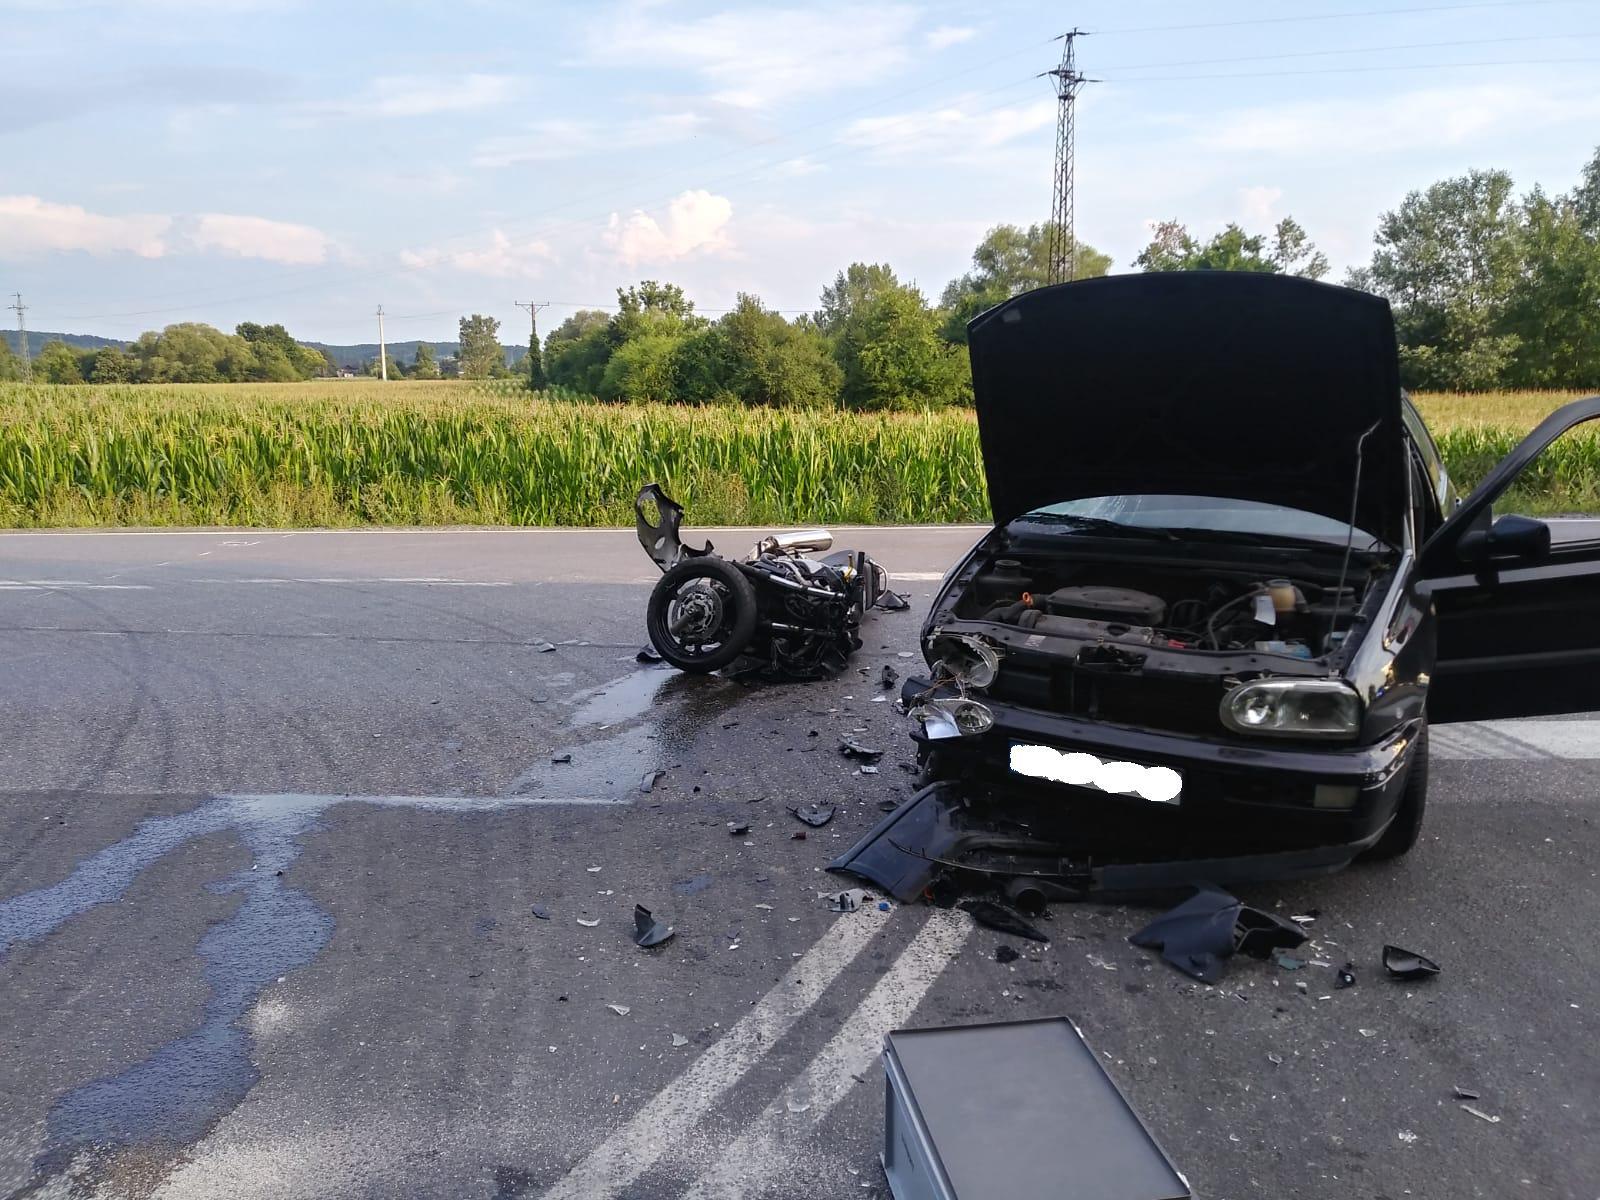 Poważny wypadek. Zderzenie motocykla z samochodem [FOTO] [AKTUALIZACJA]